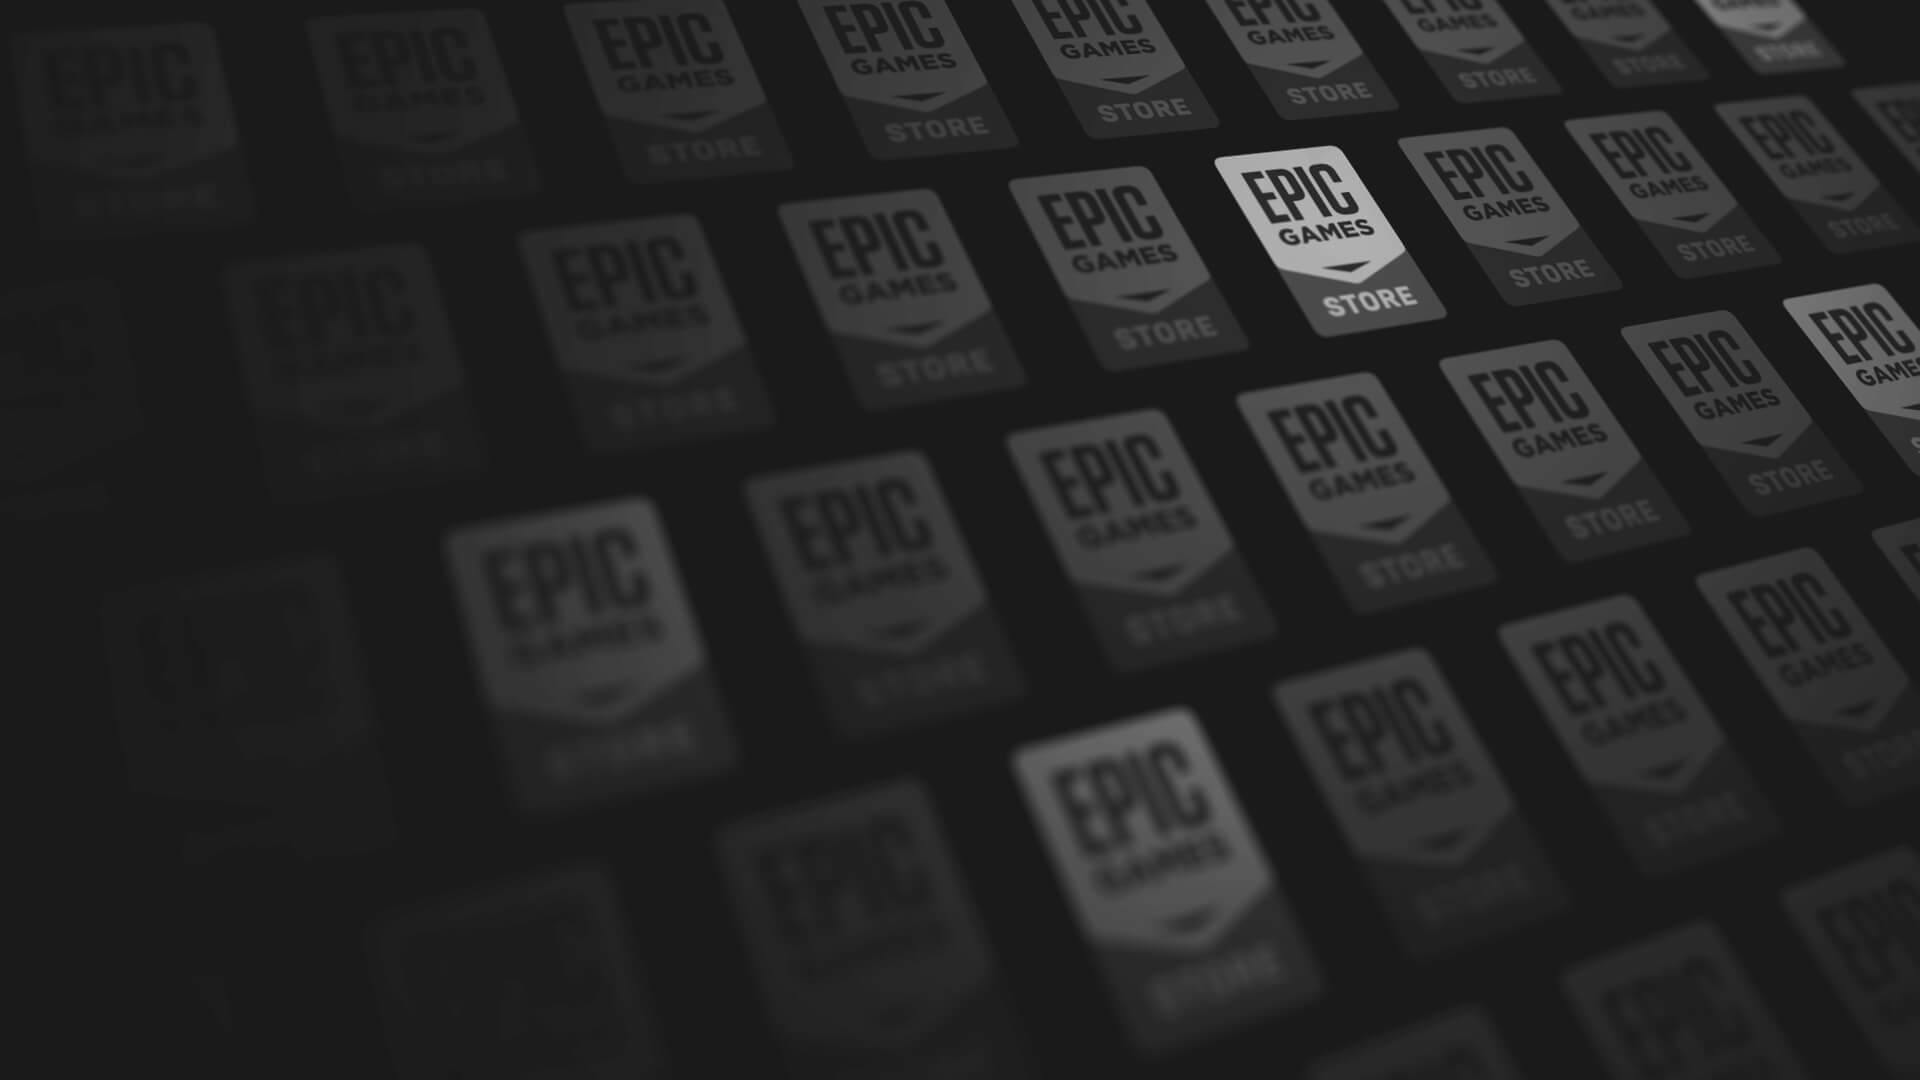 Estos son los 3 nuevos juegos gratuitos de la Epic Games Store 6